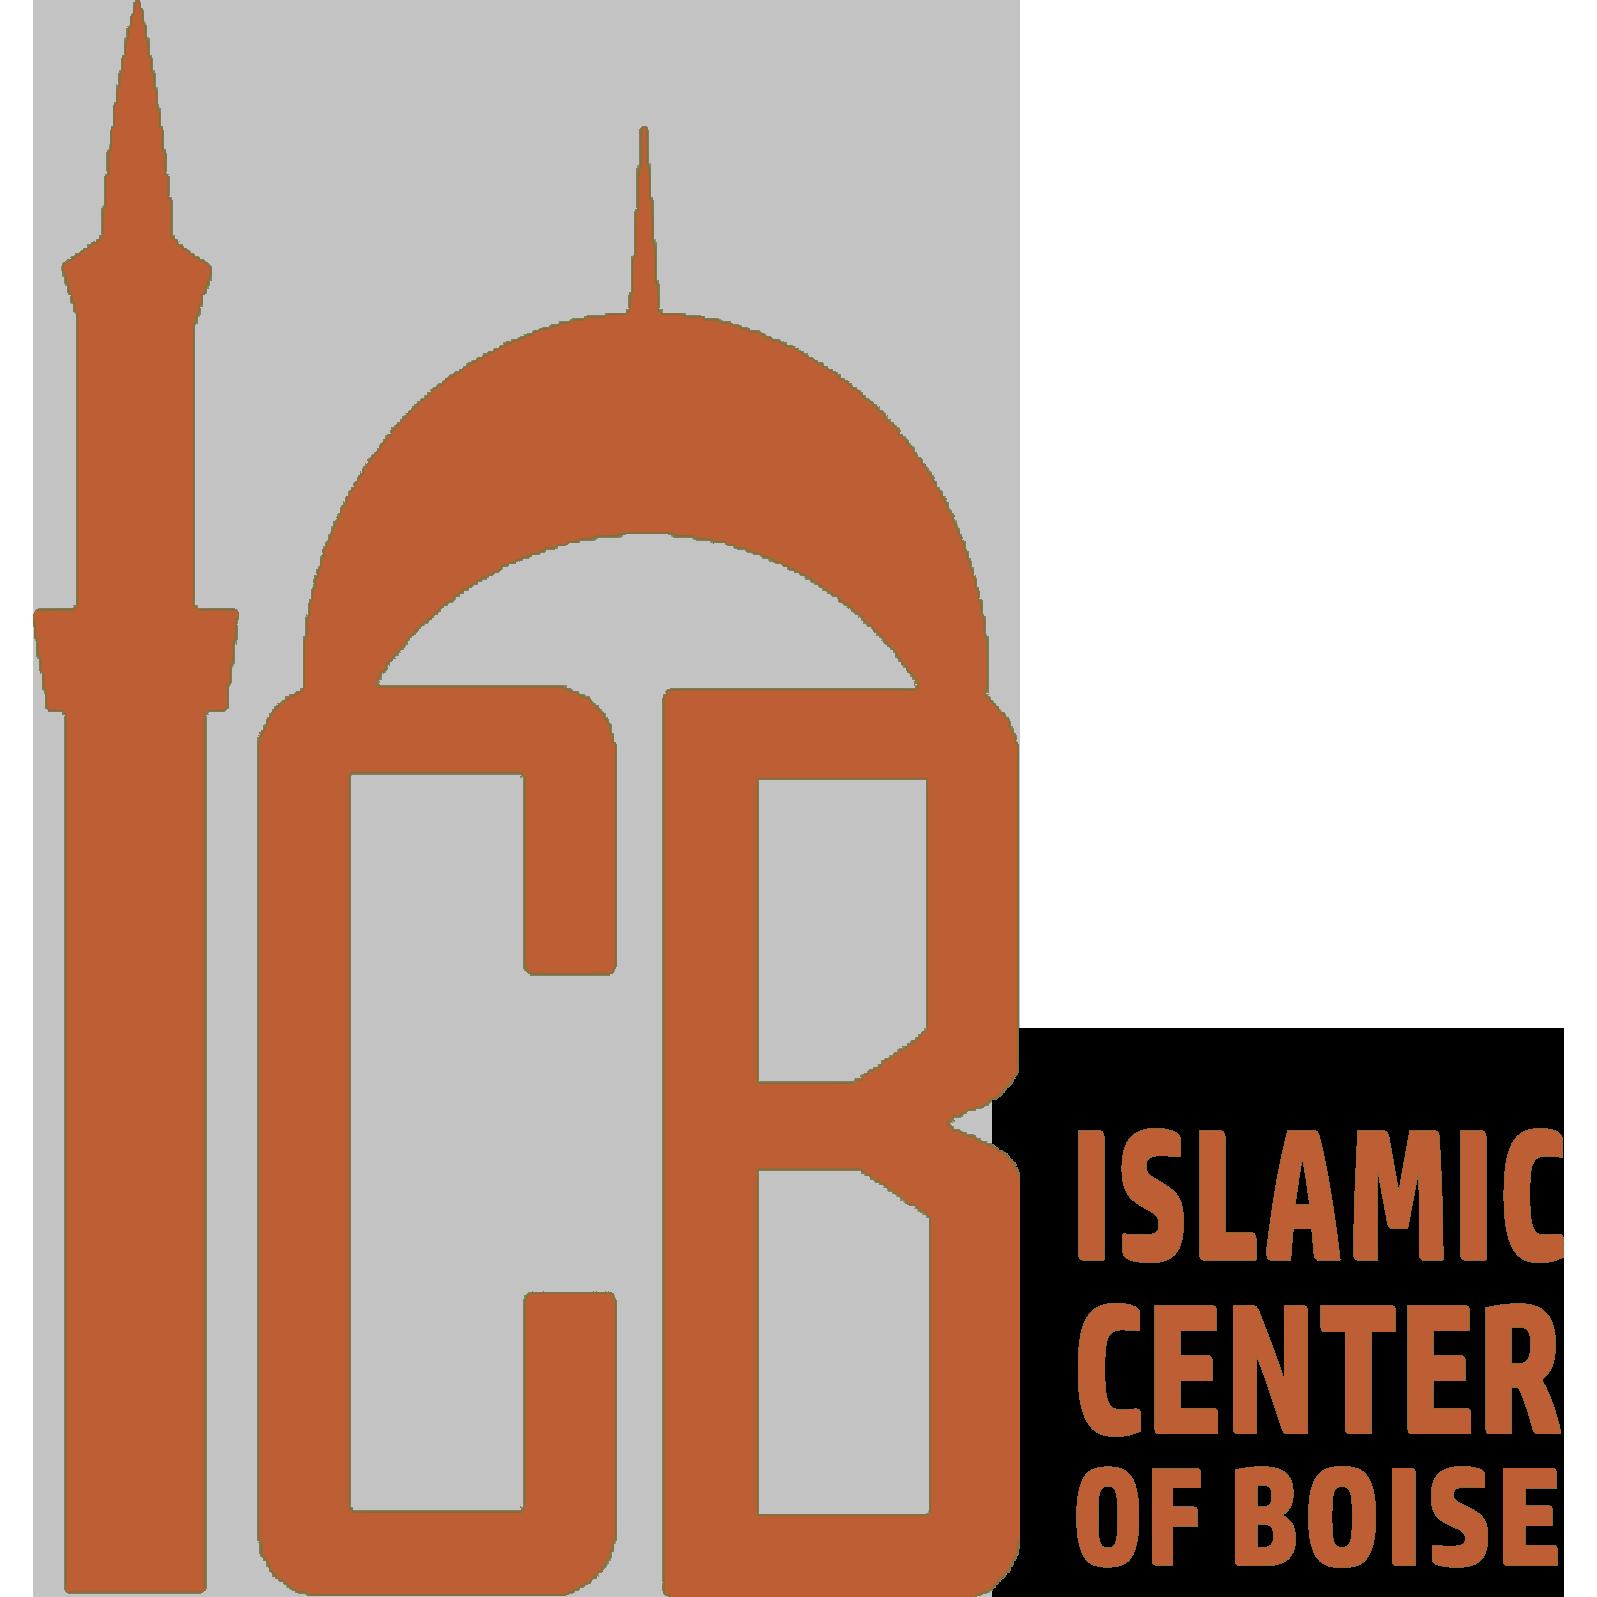 Islamic Center of Boise, Registration Form